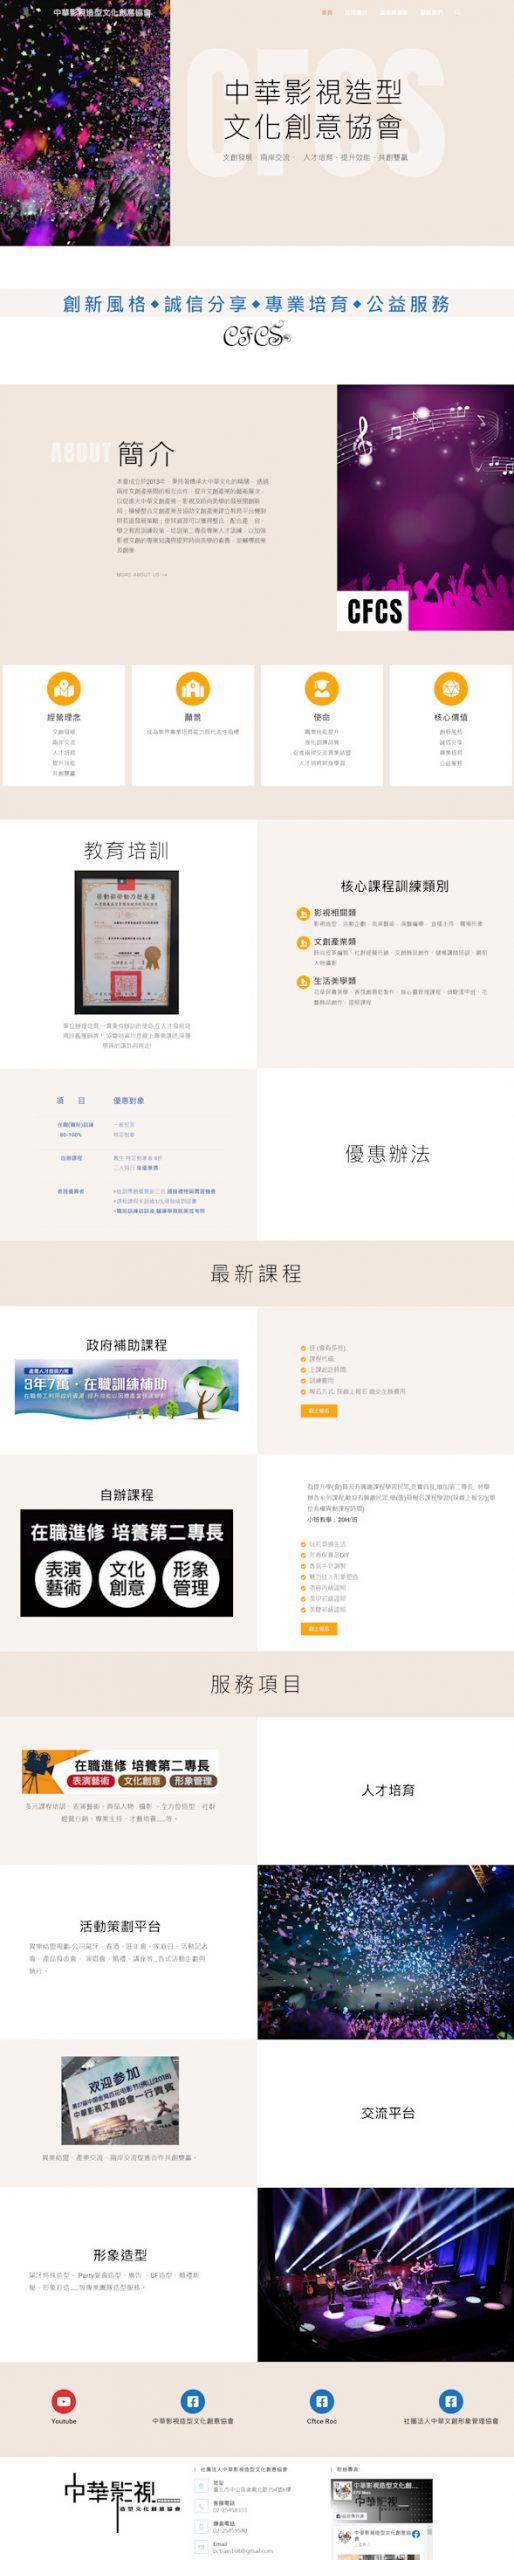 網頁設計-影視協會2